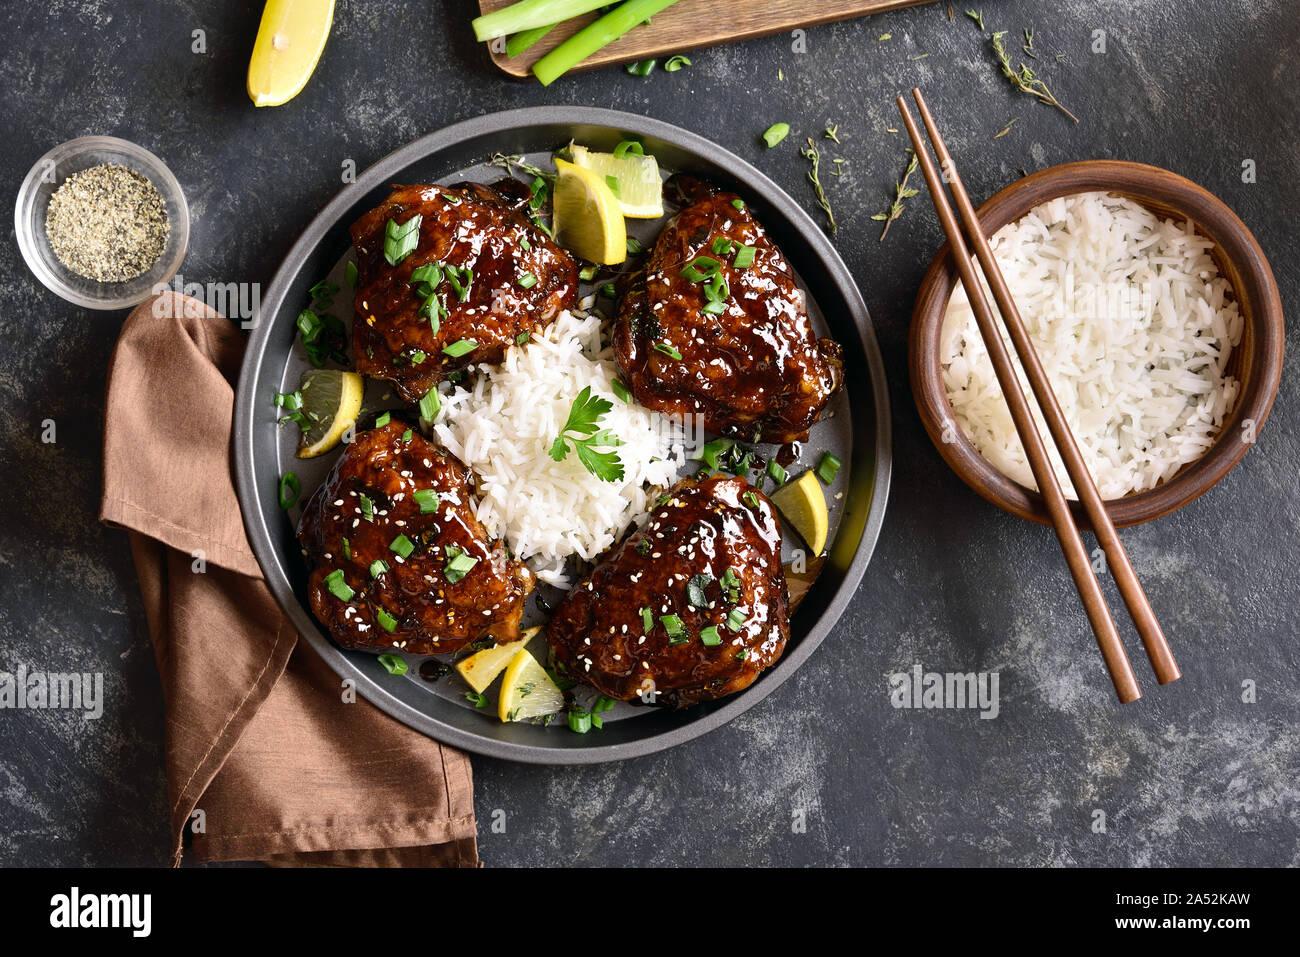 Dulce y picante miel muslos de pollo asado con arroz en mesa de piedra oscura. Comida sabrosa en un estilo asiático. Vista superior, laicos plana Foto de stock